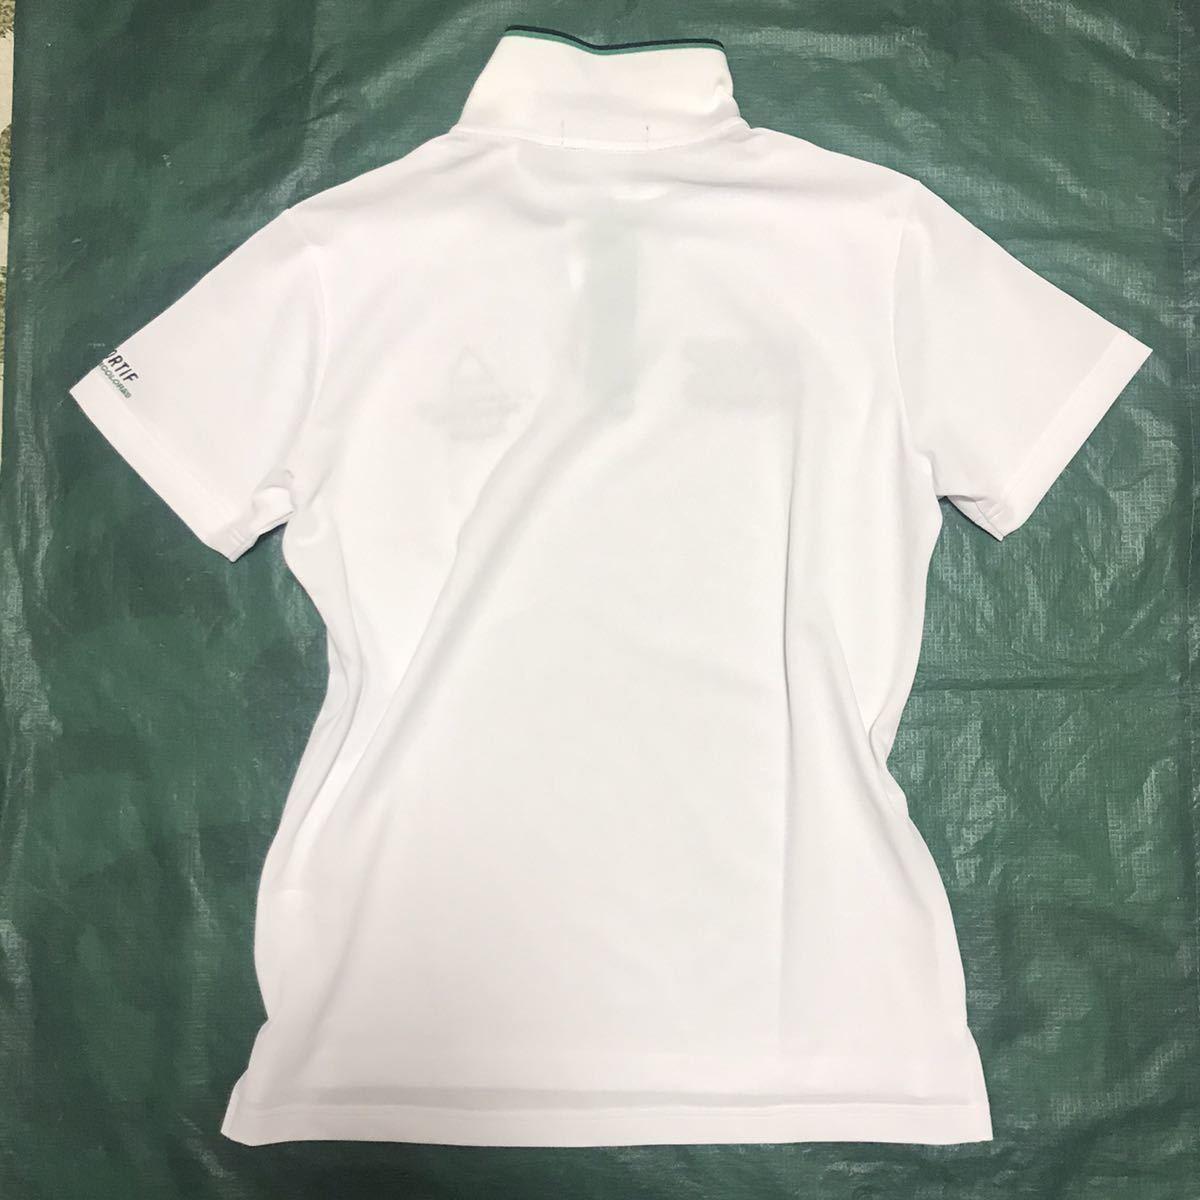 ♯新品【 O(XL)白ホワイト】高機能半袖ポロシャツ【le coq GOLF】ルコックゴルフ 吸汗速乾 グラフィック 4点刺繍ロゴ_画像4